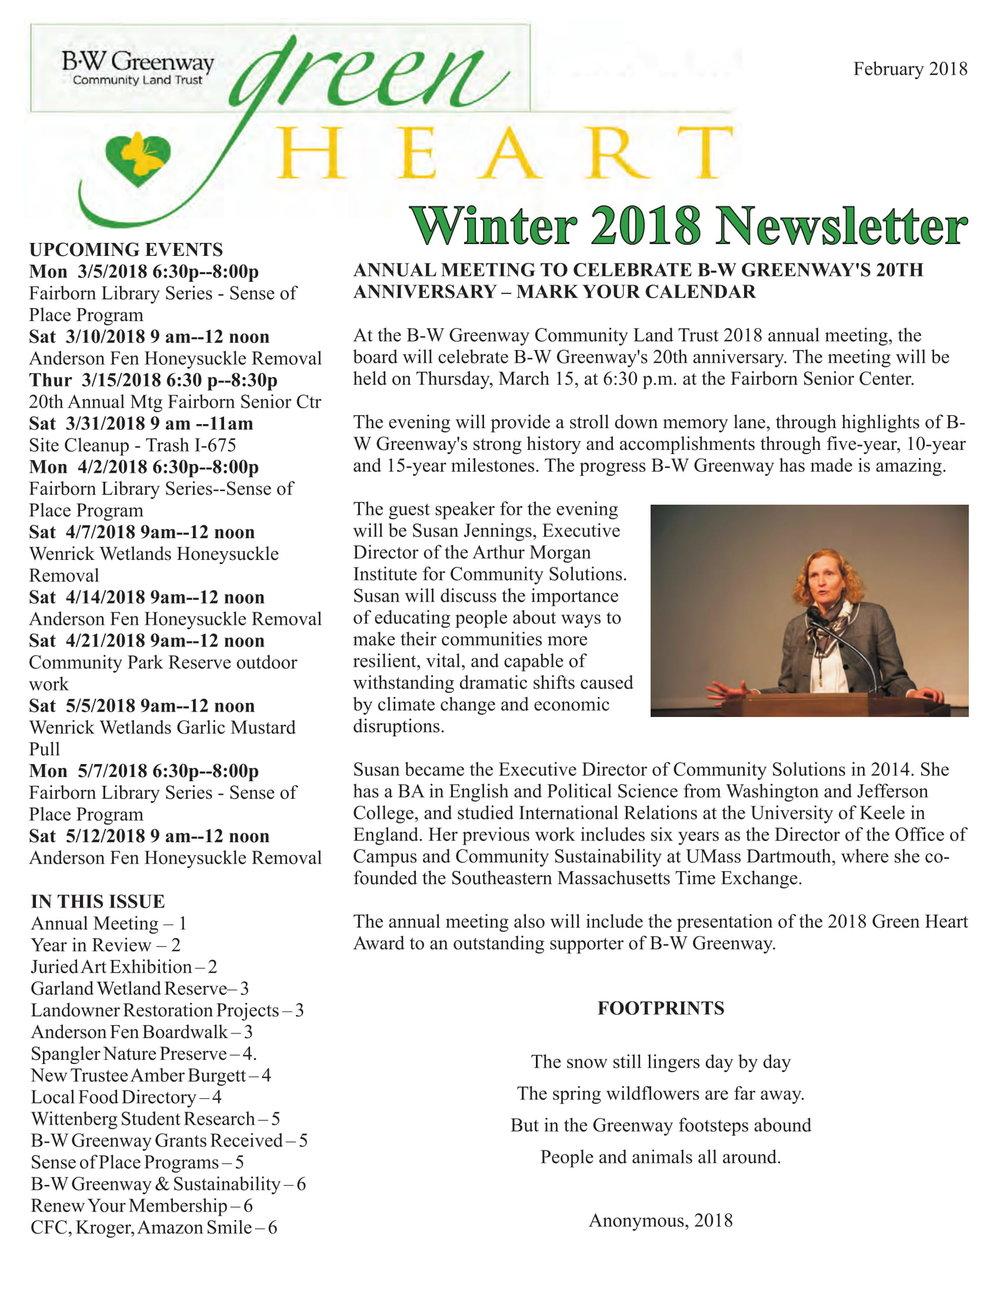 Winter 2018 v2-1.jpg